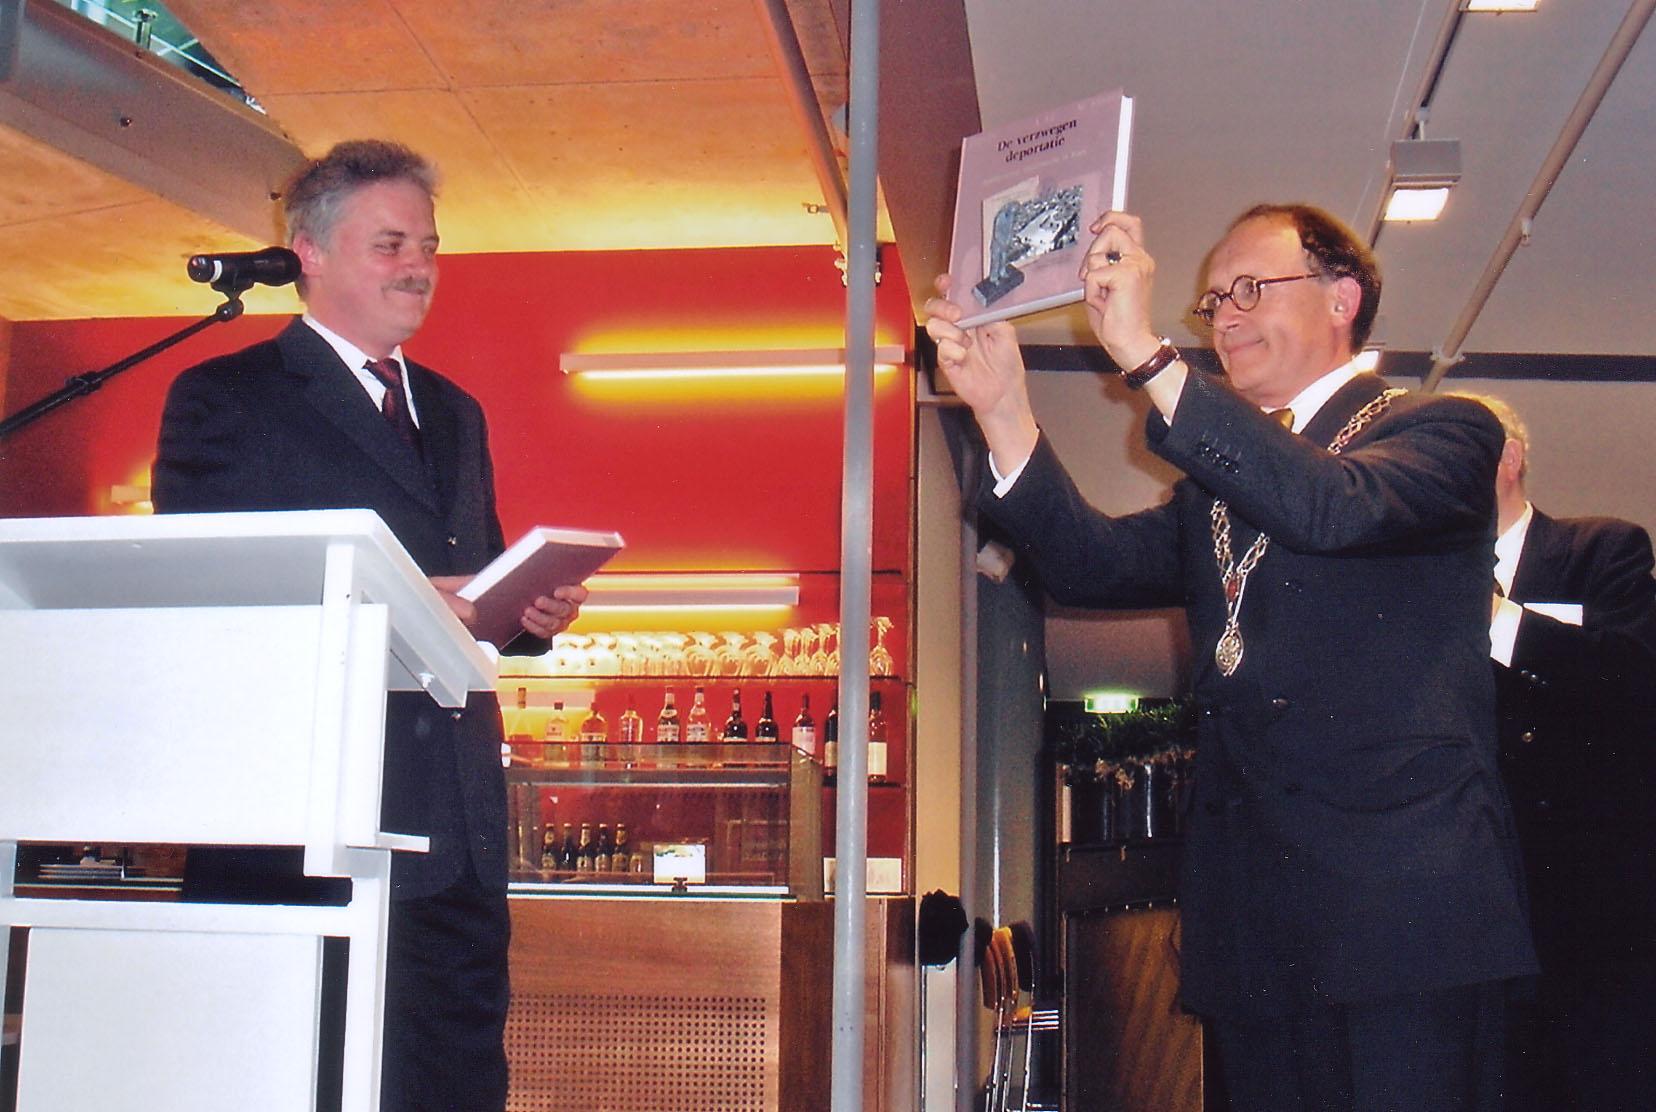 Boekoverhandiging aan burgemeester G.J. de Graaf